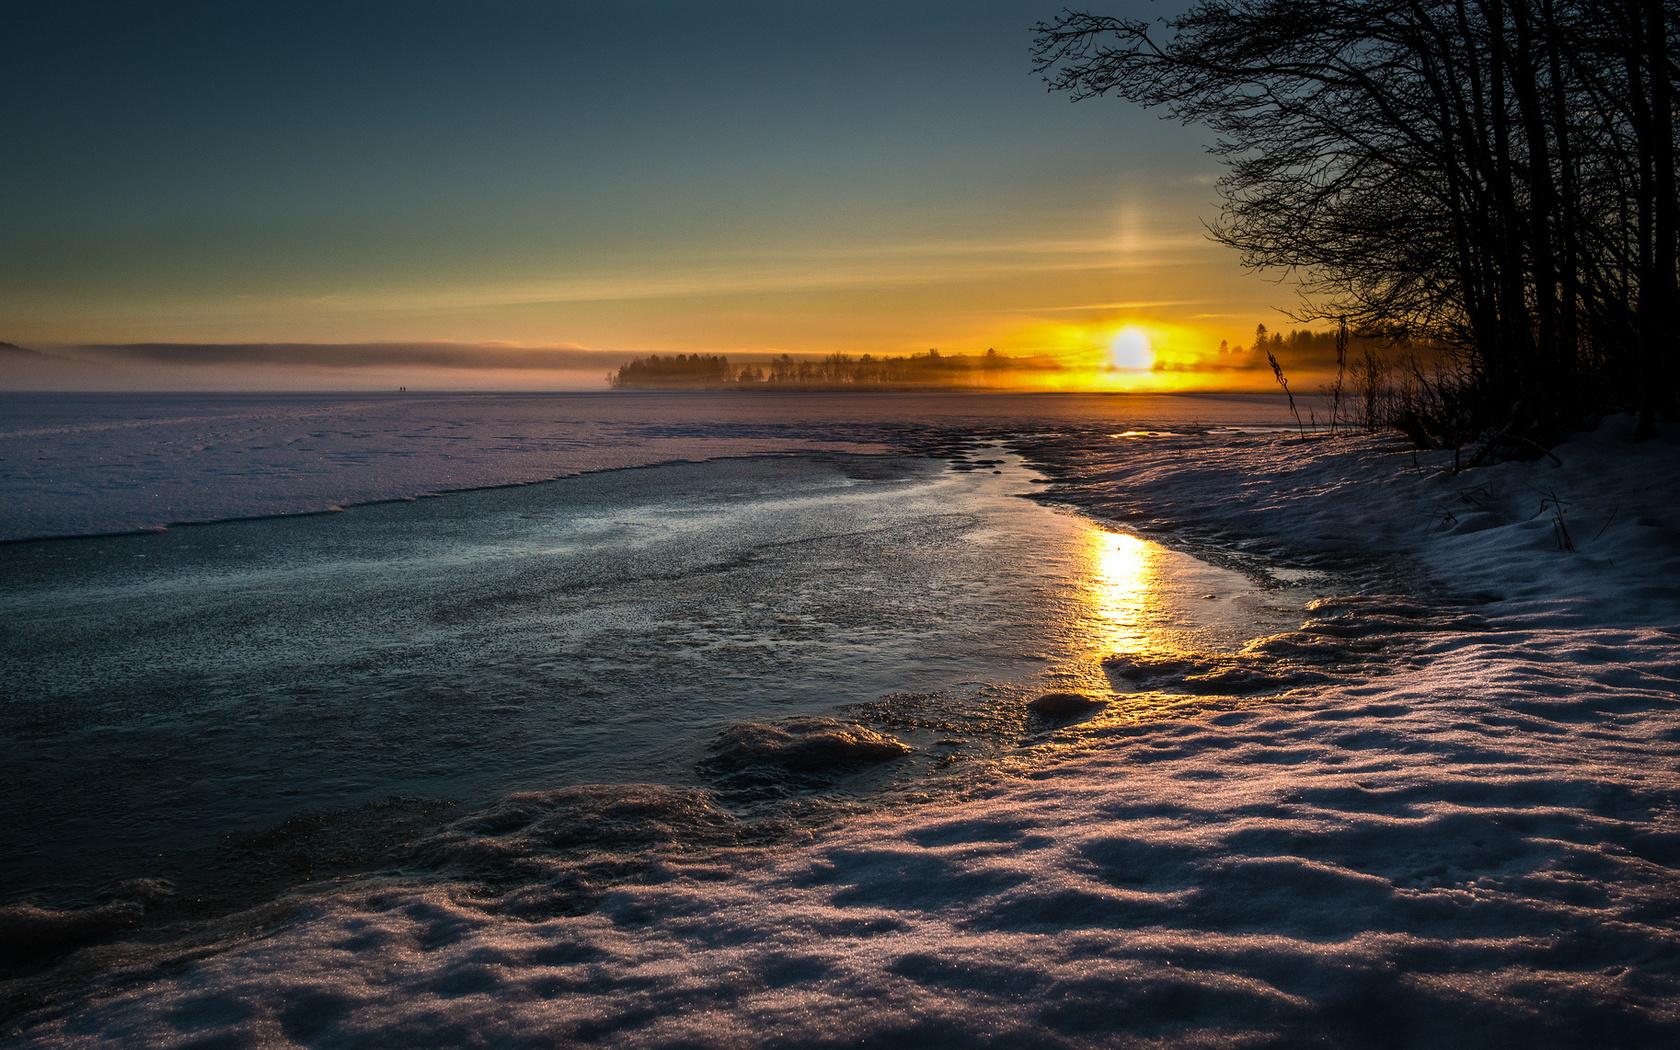 зима, озеро, солнце, снег, пейзаж, закат, природа, вечер, деревья